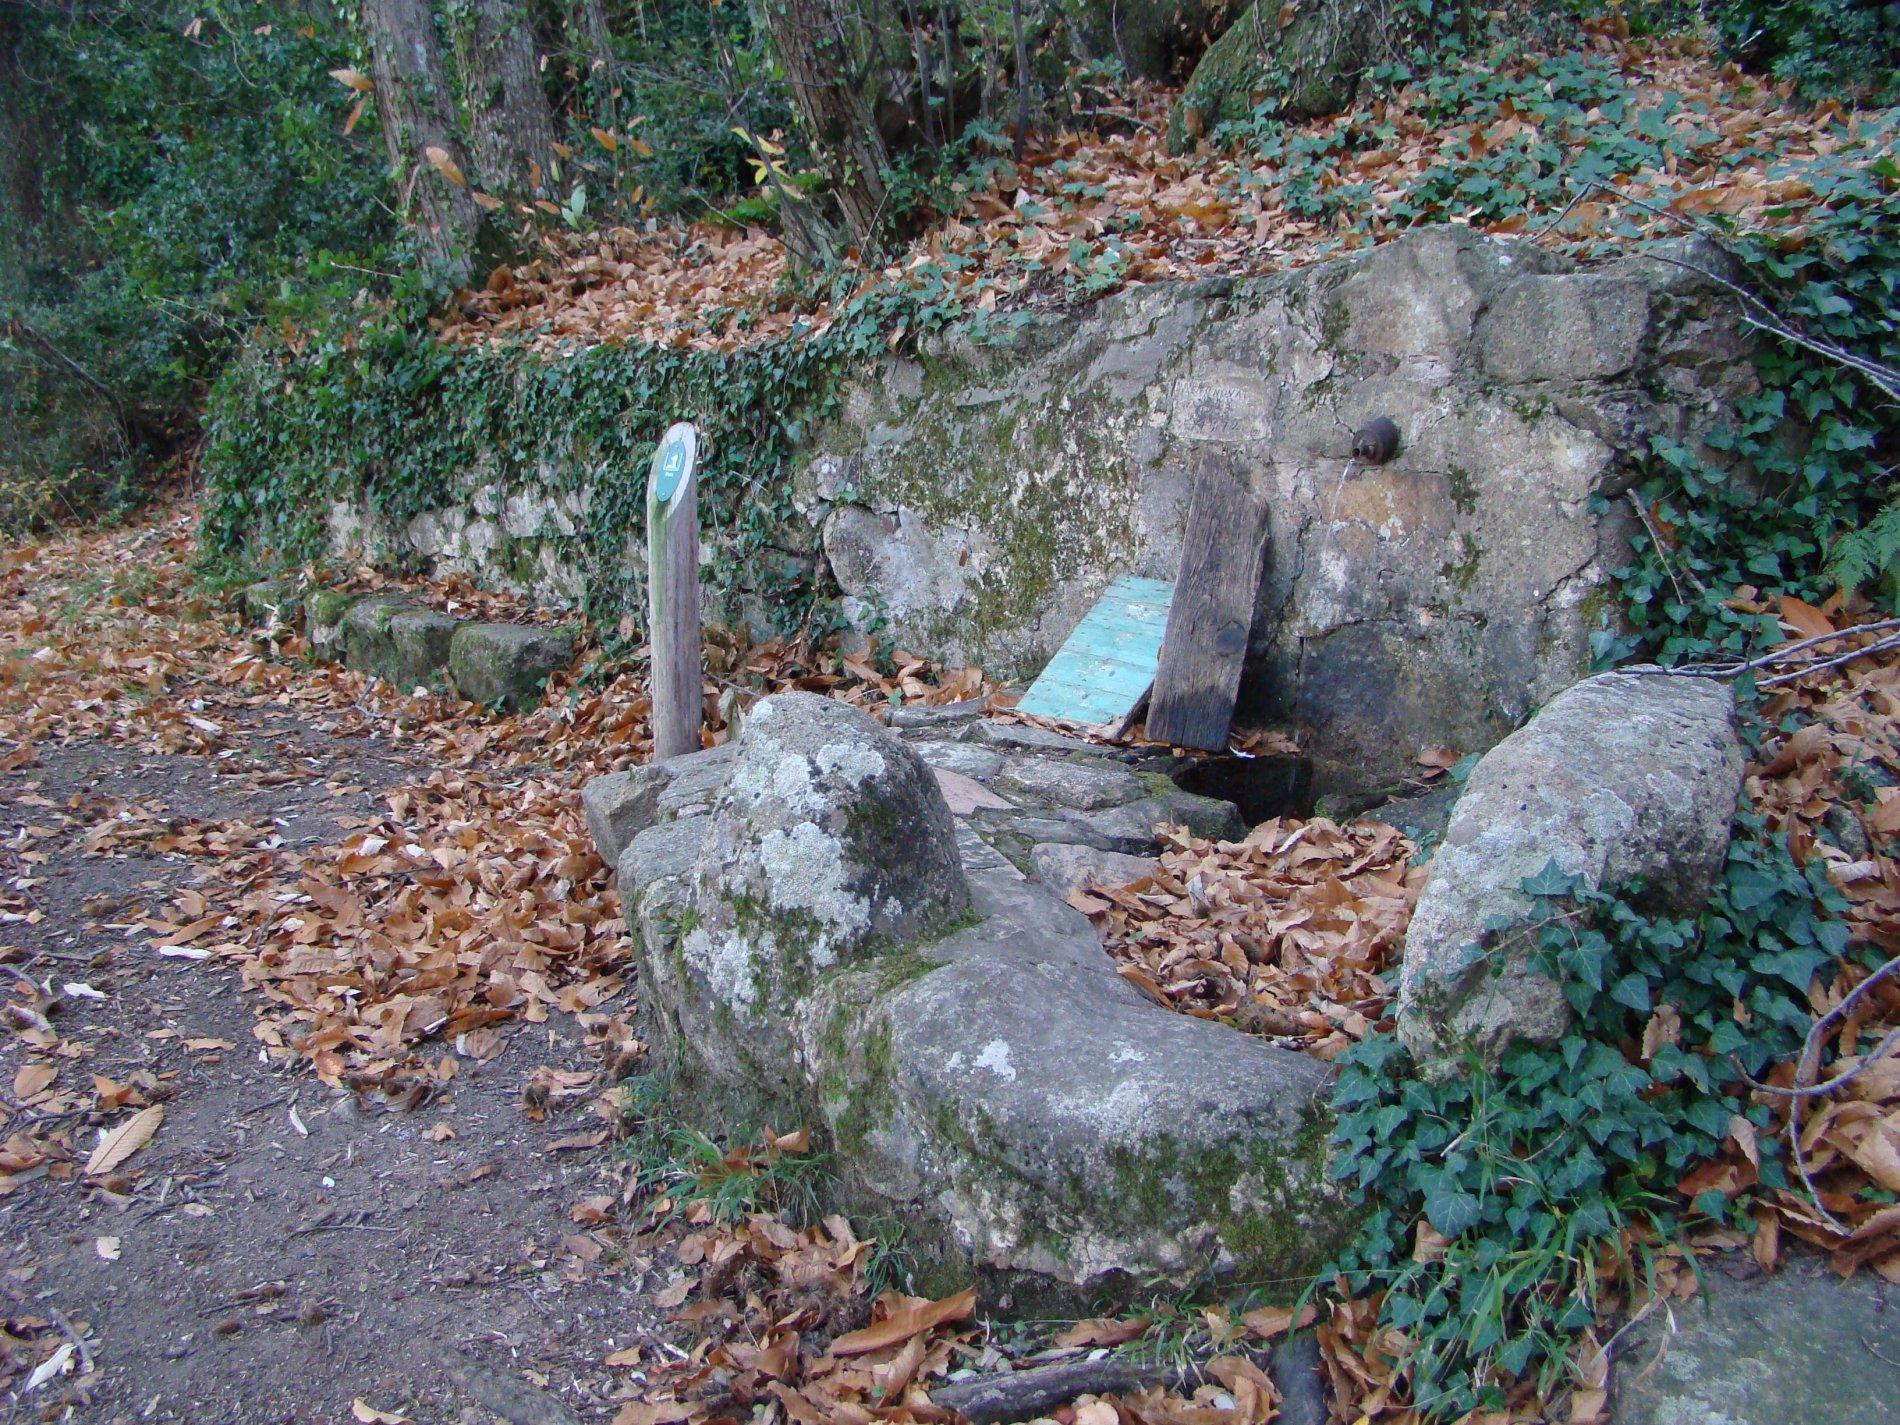 La font de la Castanyeda compta amb un broc que raja intermitentment en èpoques de pluja. Surt del perfil del camí i compta amb una construcció de pedra i morter. El broc és un tub petit de ferro. I l'aigua cau en un bassal construït també amb pedra. Destaca dues pedres grosses col·locades davant de la font a mode de protecció. Es troba al municipi de Santa Cristina d'Aro.